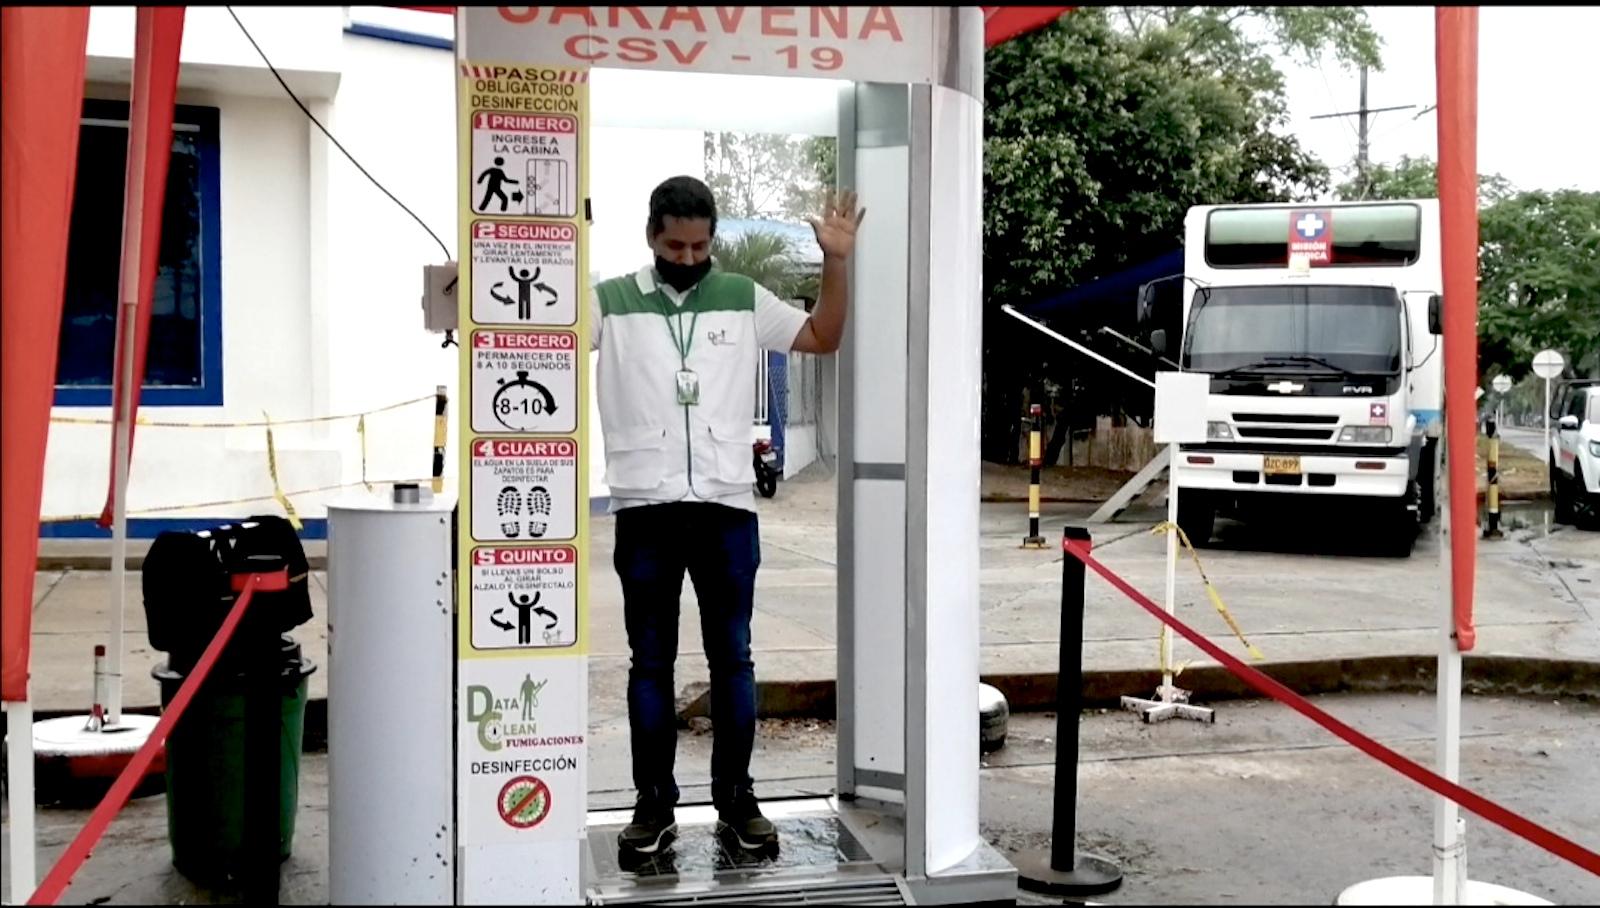 Covid-19: la cabina de desinfección que se inventaron en Arauca